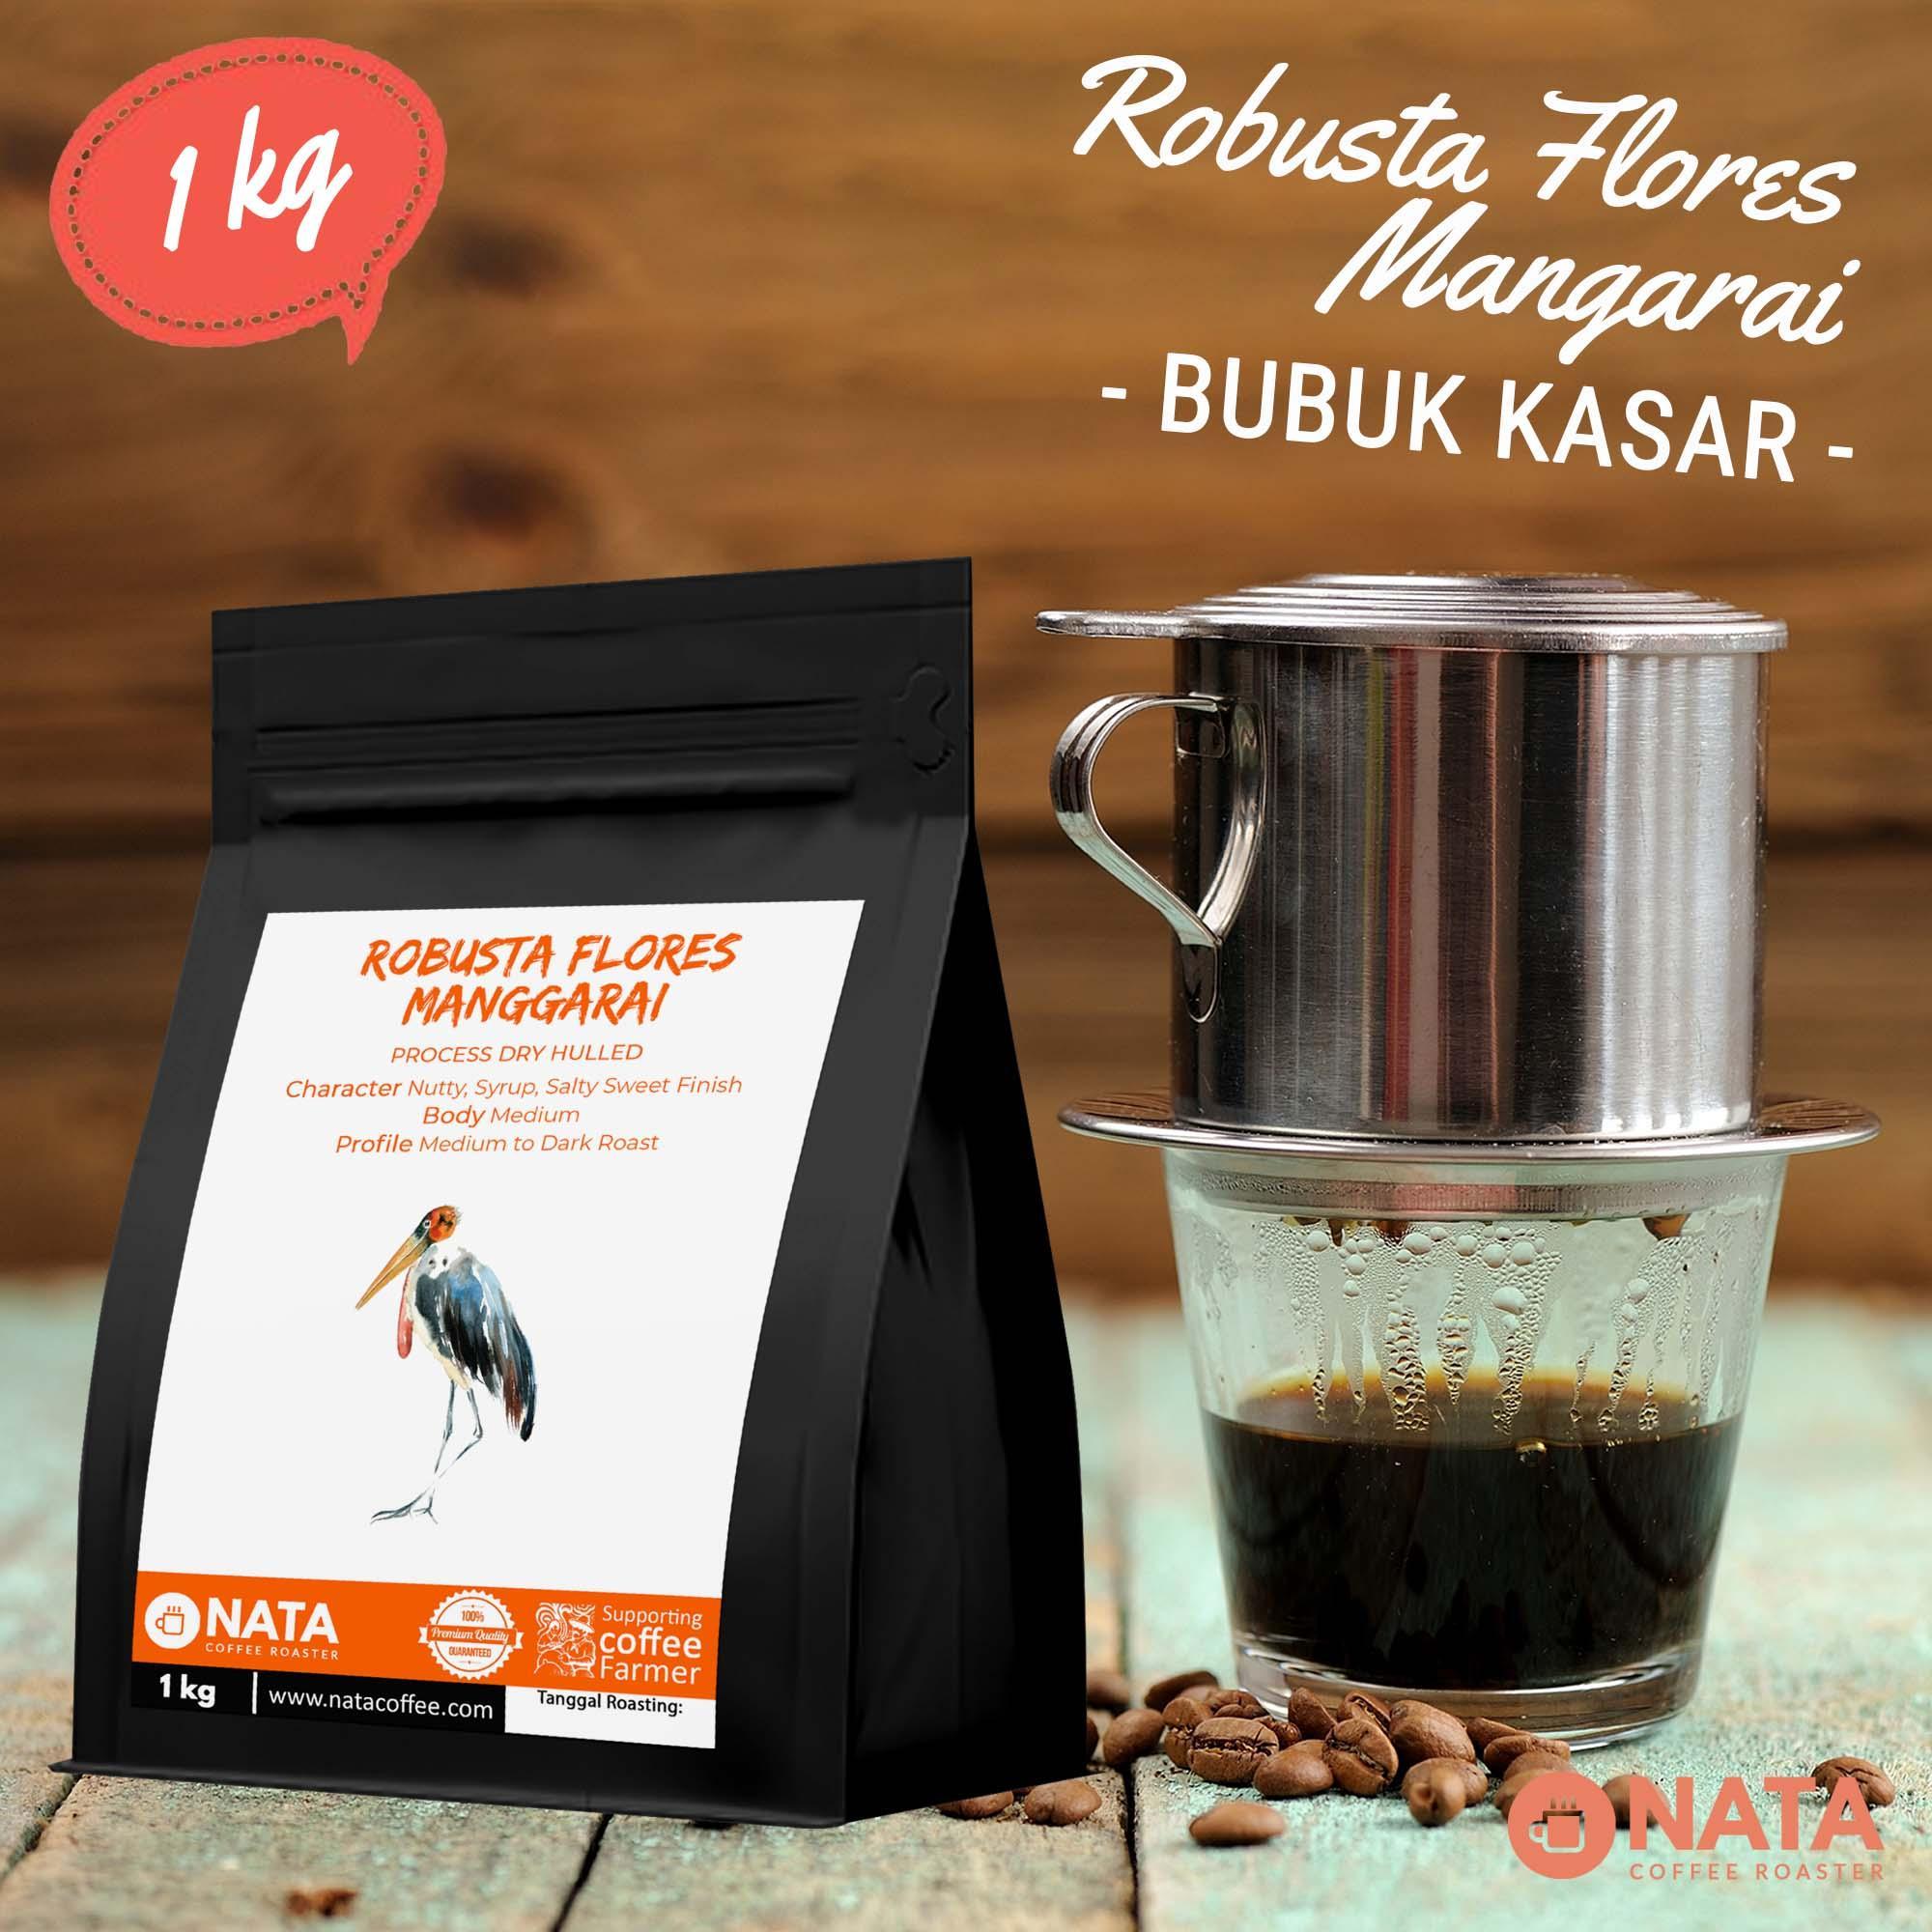 Daftar Harga Otten Coffee Arabica Peru El Huaco 200g Biji Bubuk Kopi Kerinci Kayo Sungai Penuh Natural Process Peaberry Spec Dan Nata